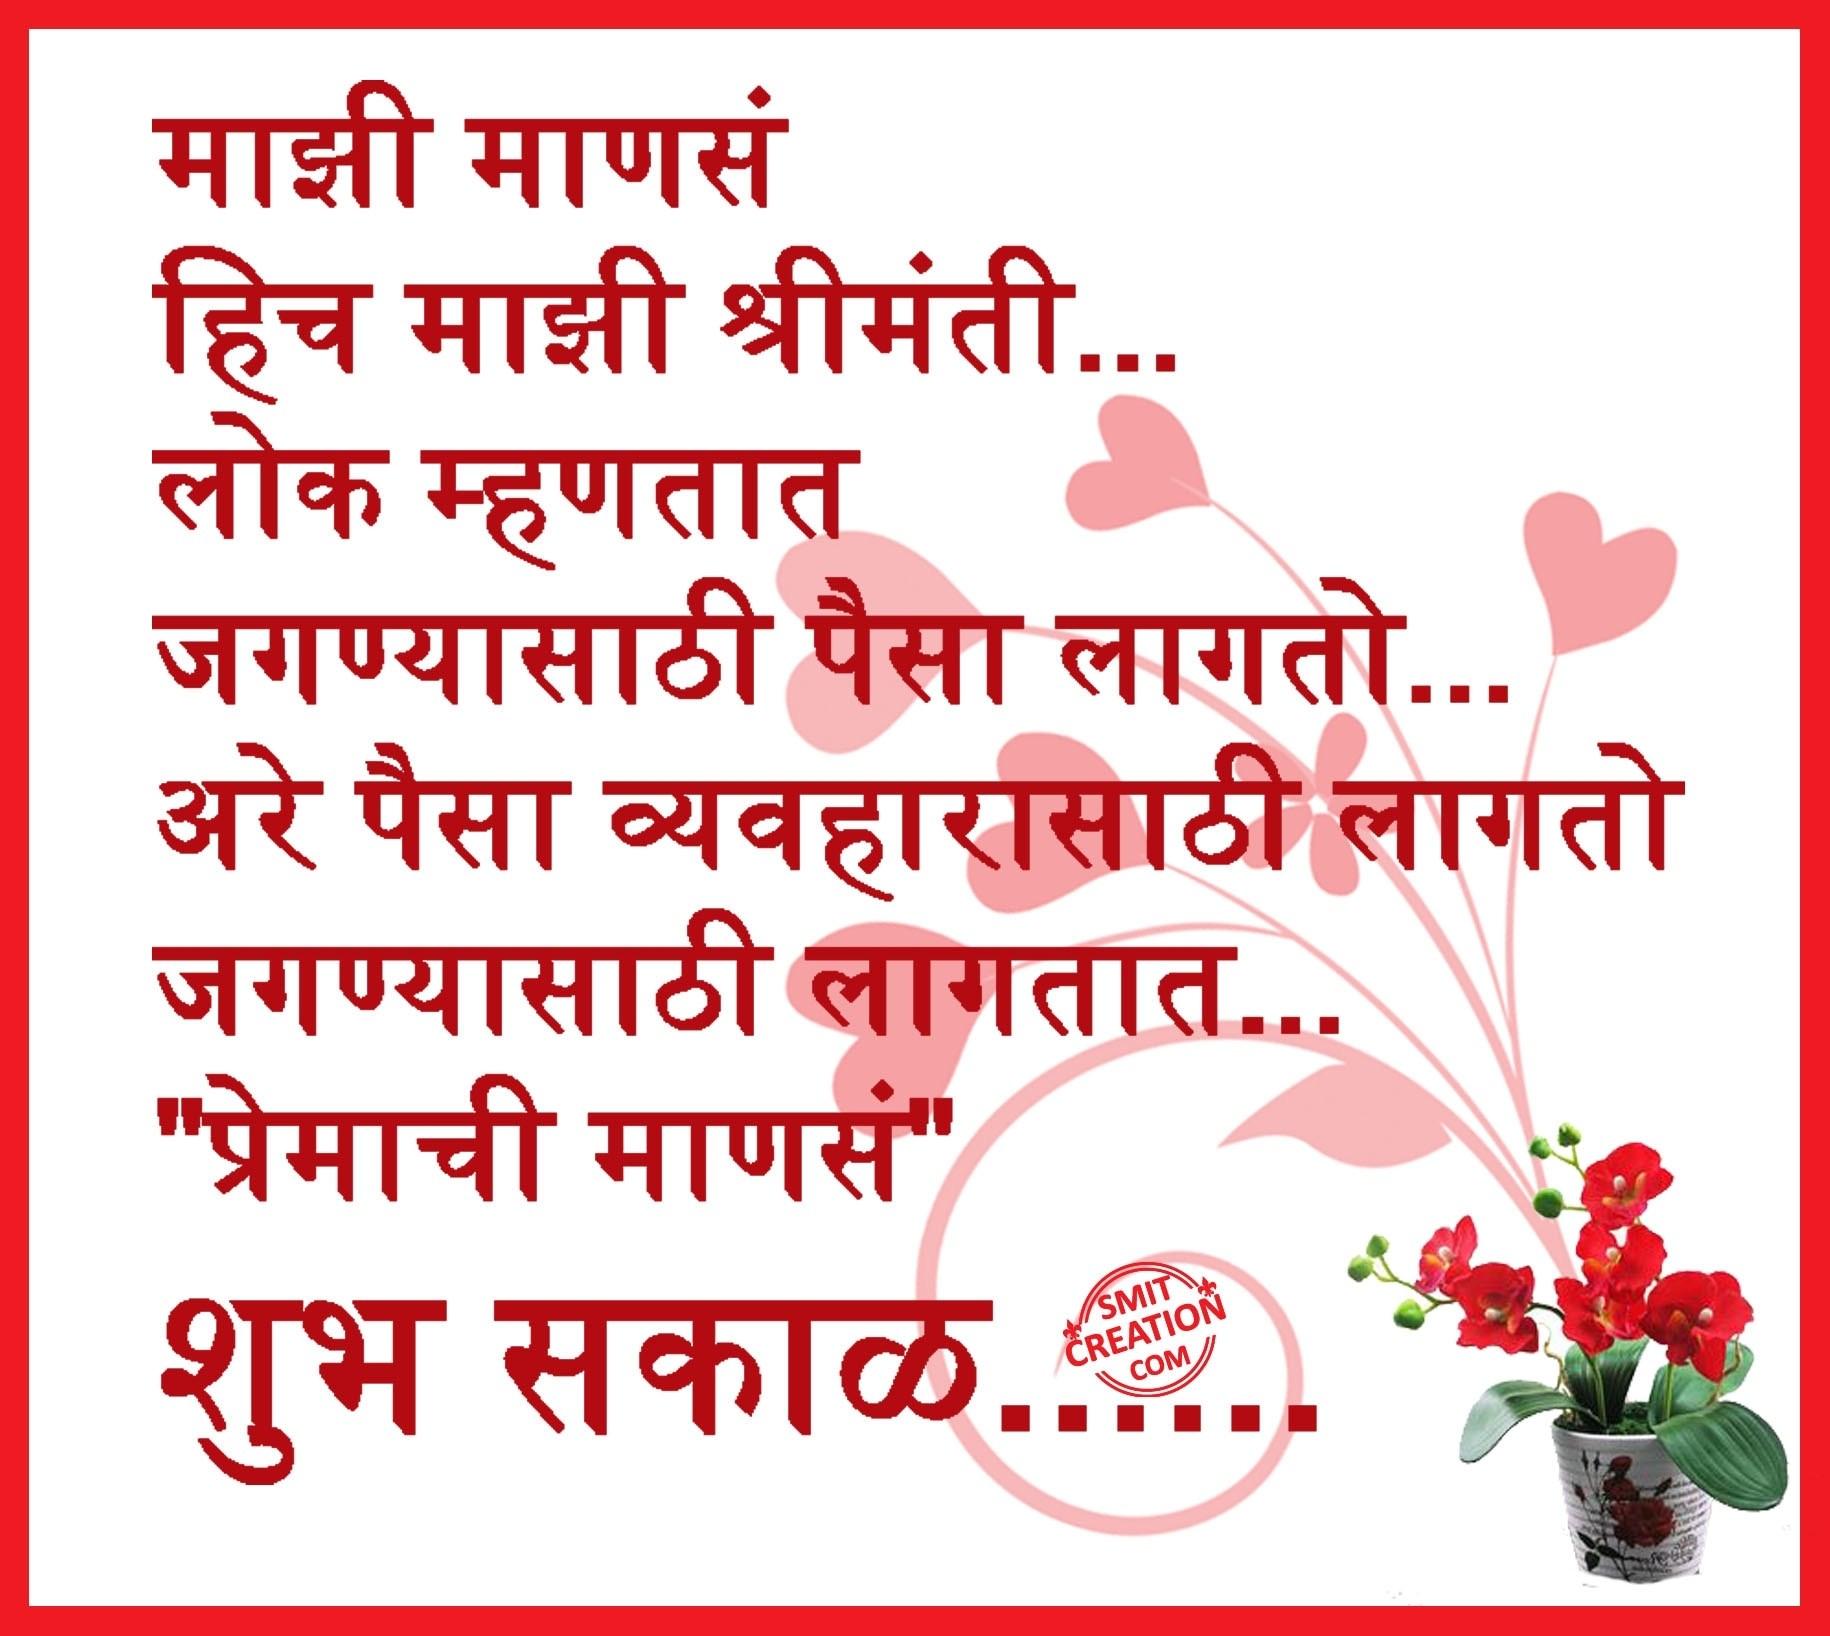 Good Morning Sunday Marathi Images : Search results for marathi good morning image calendar